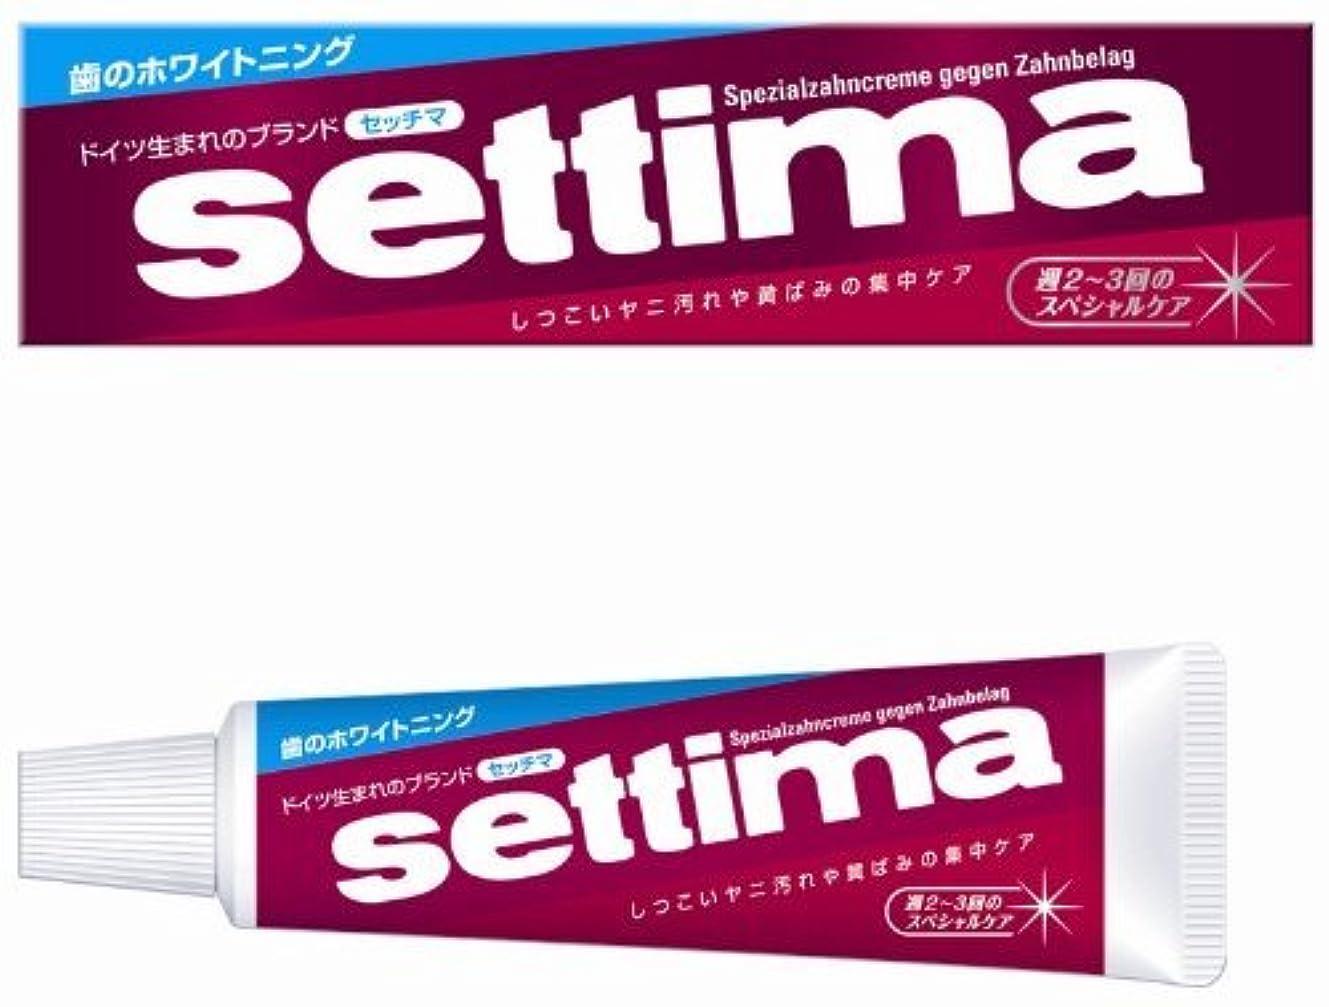 吐き出す小包送ったsettima(セッチマ) はみがき スペシャル (箱タイプ) 40g